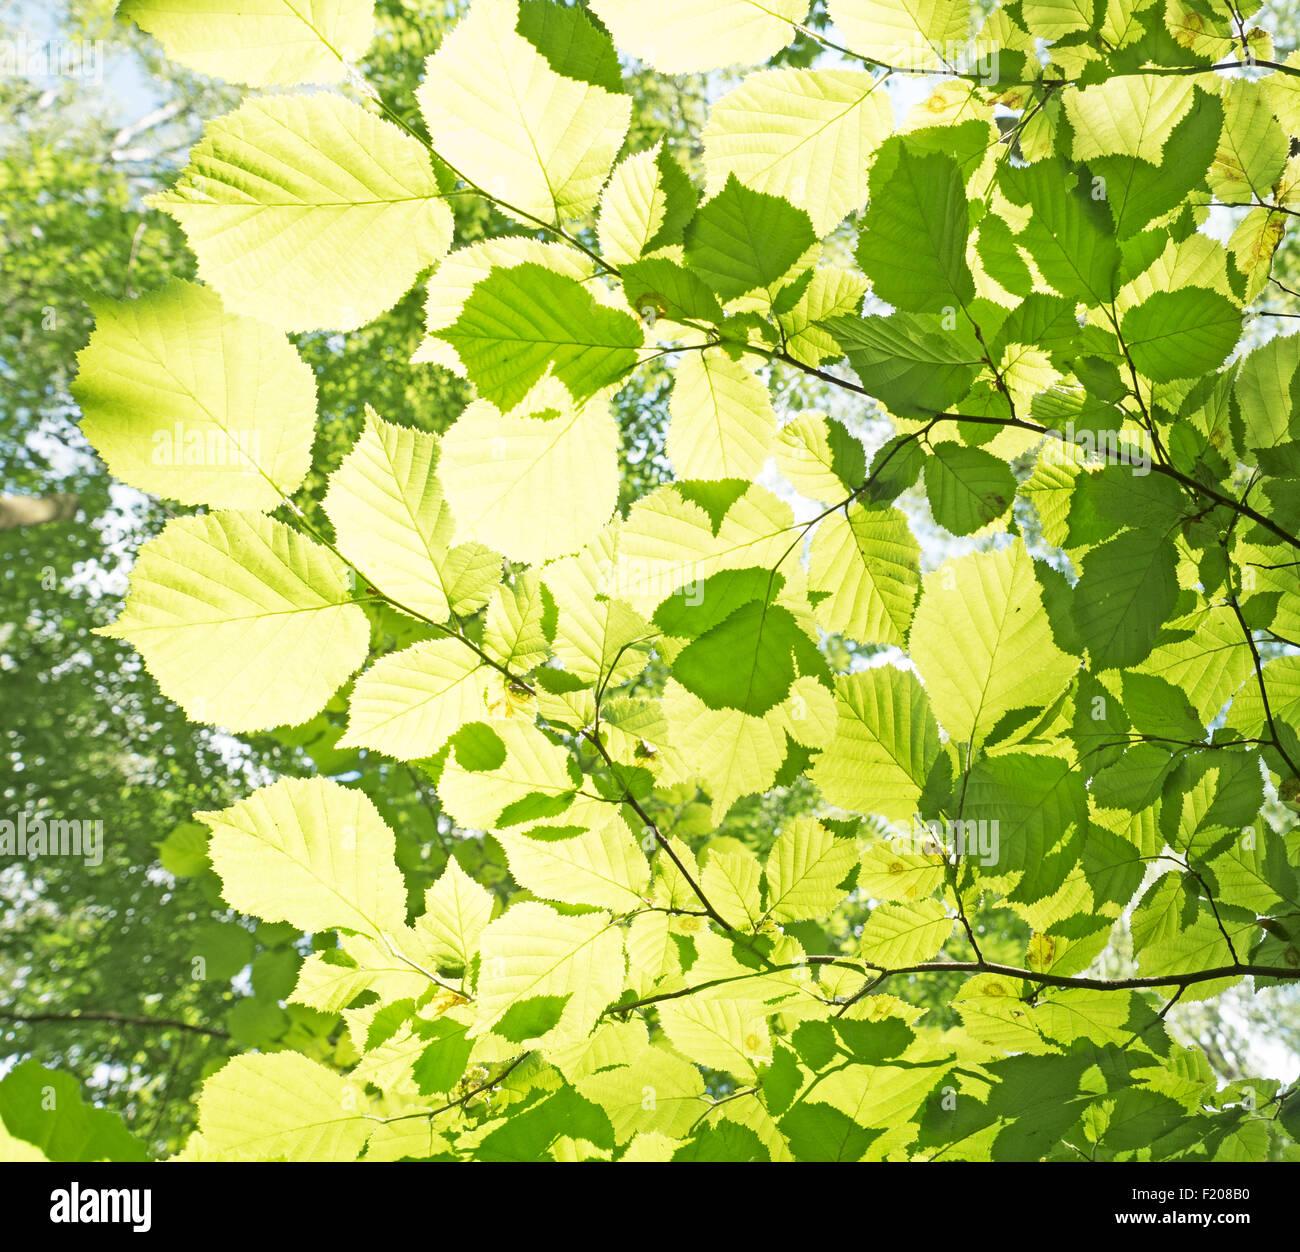 Blätter im Gegenlich Stock Photo